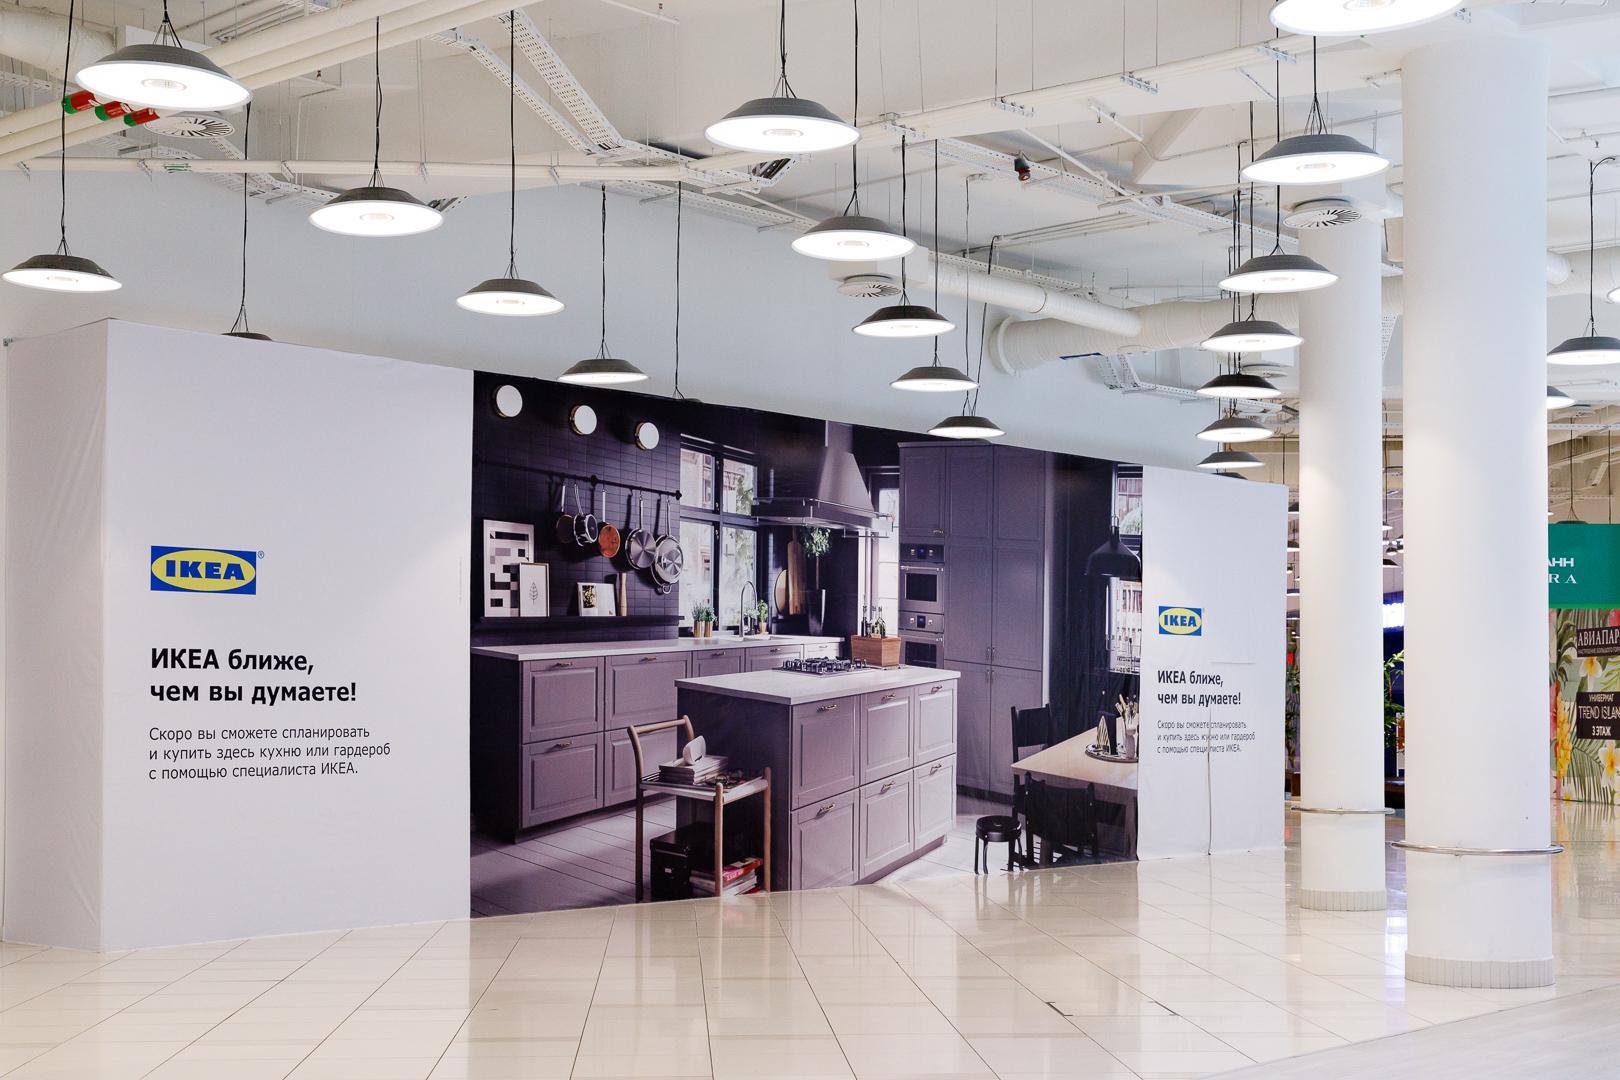 Ikea ждут кардинальные перемены Retailru